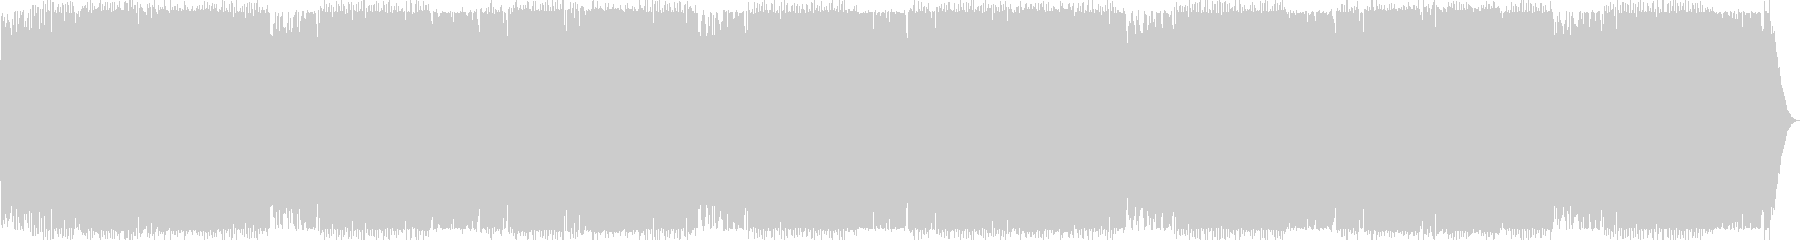 BPM140:ワークアウト15分の未再生の波形